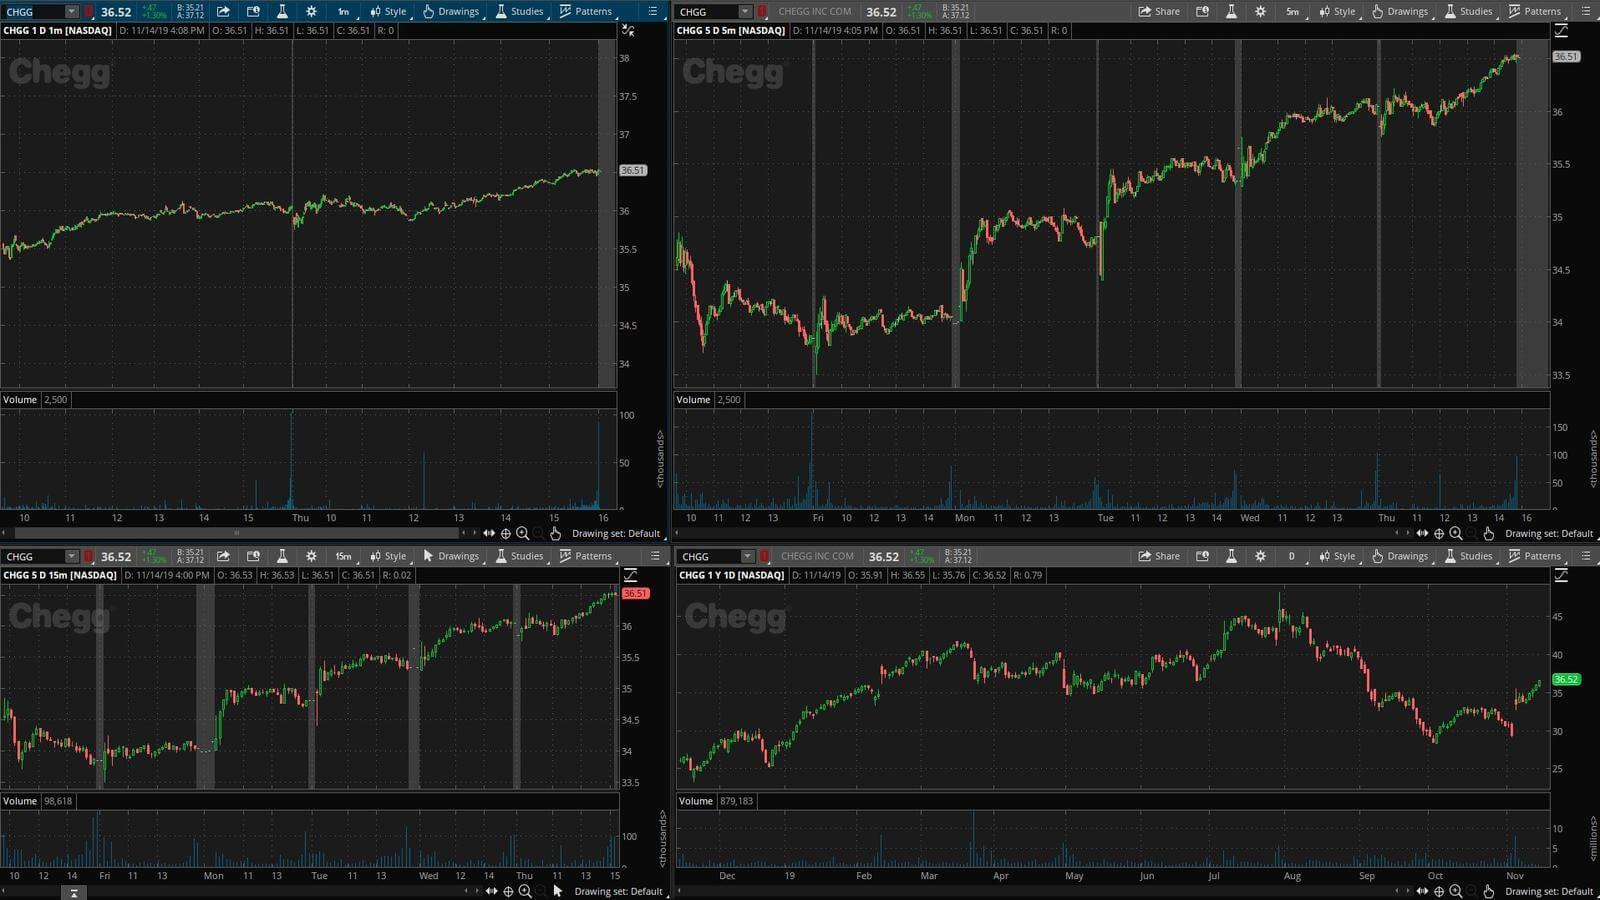 CHGG - график акции на фондовой бирже